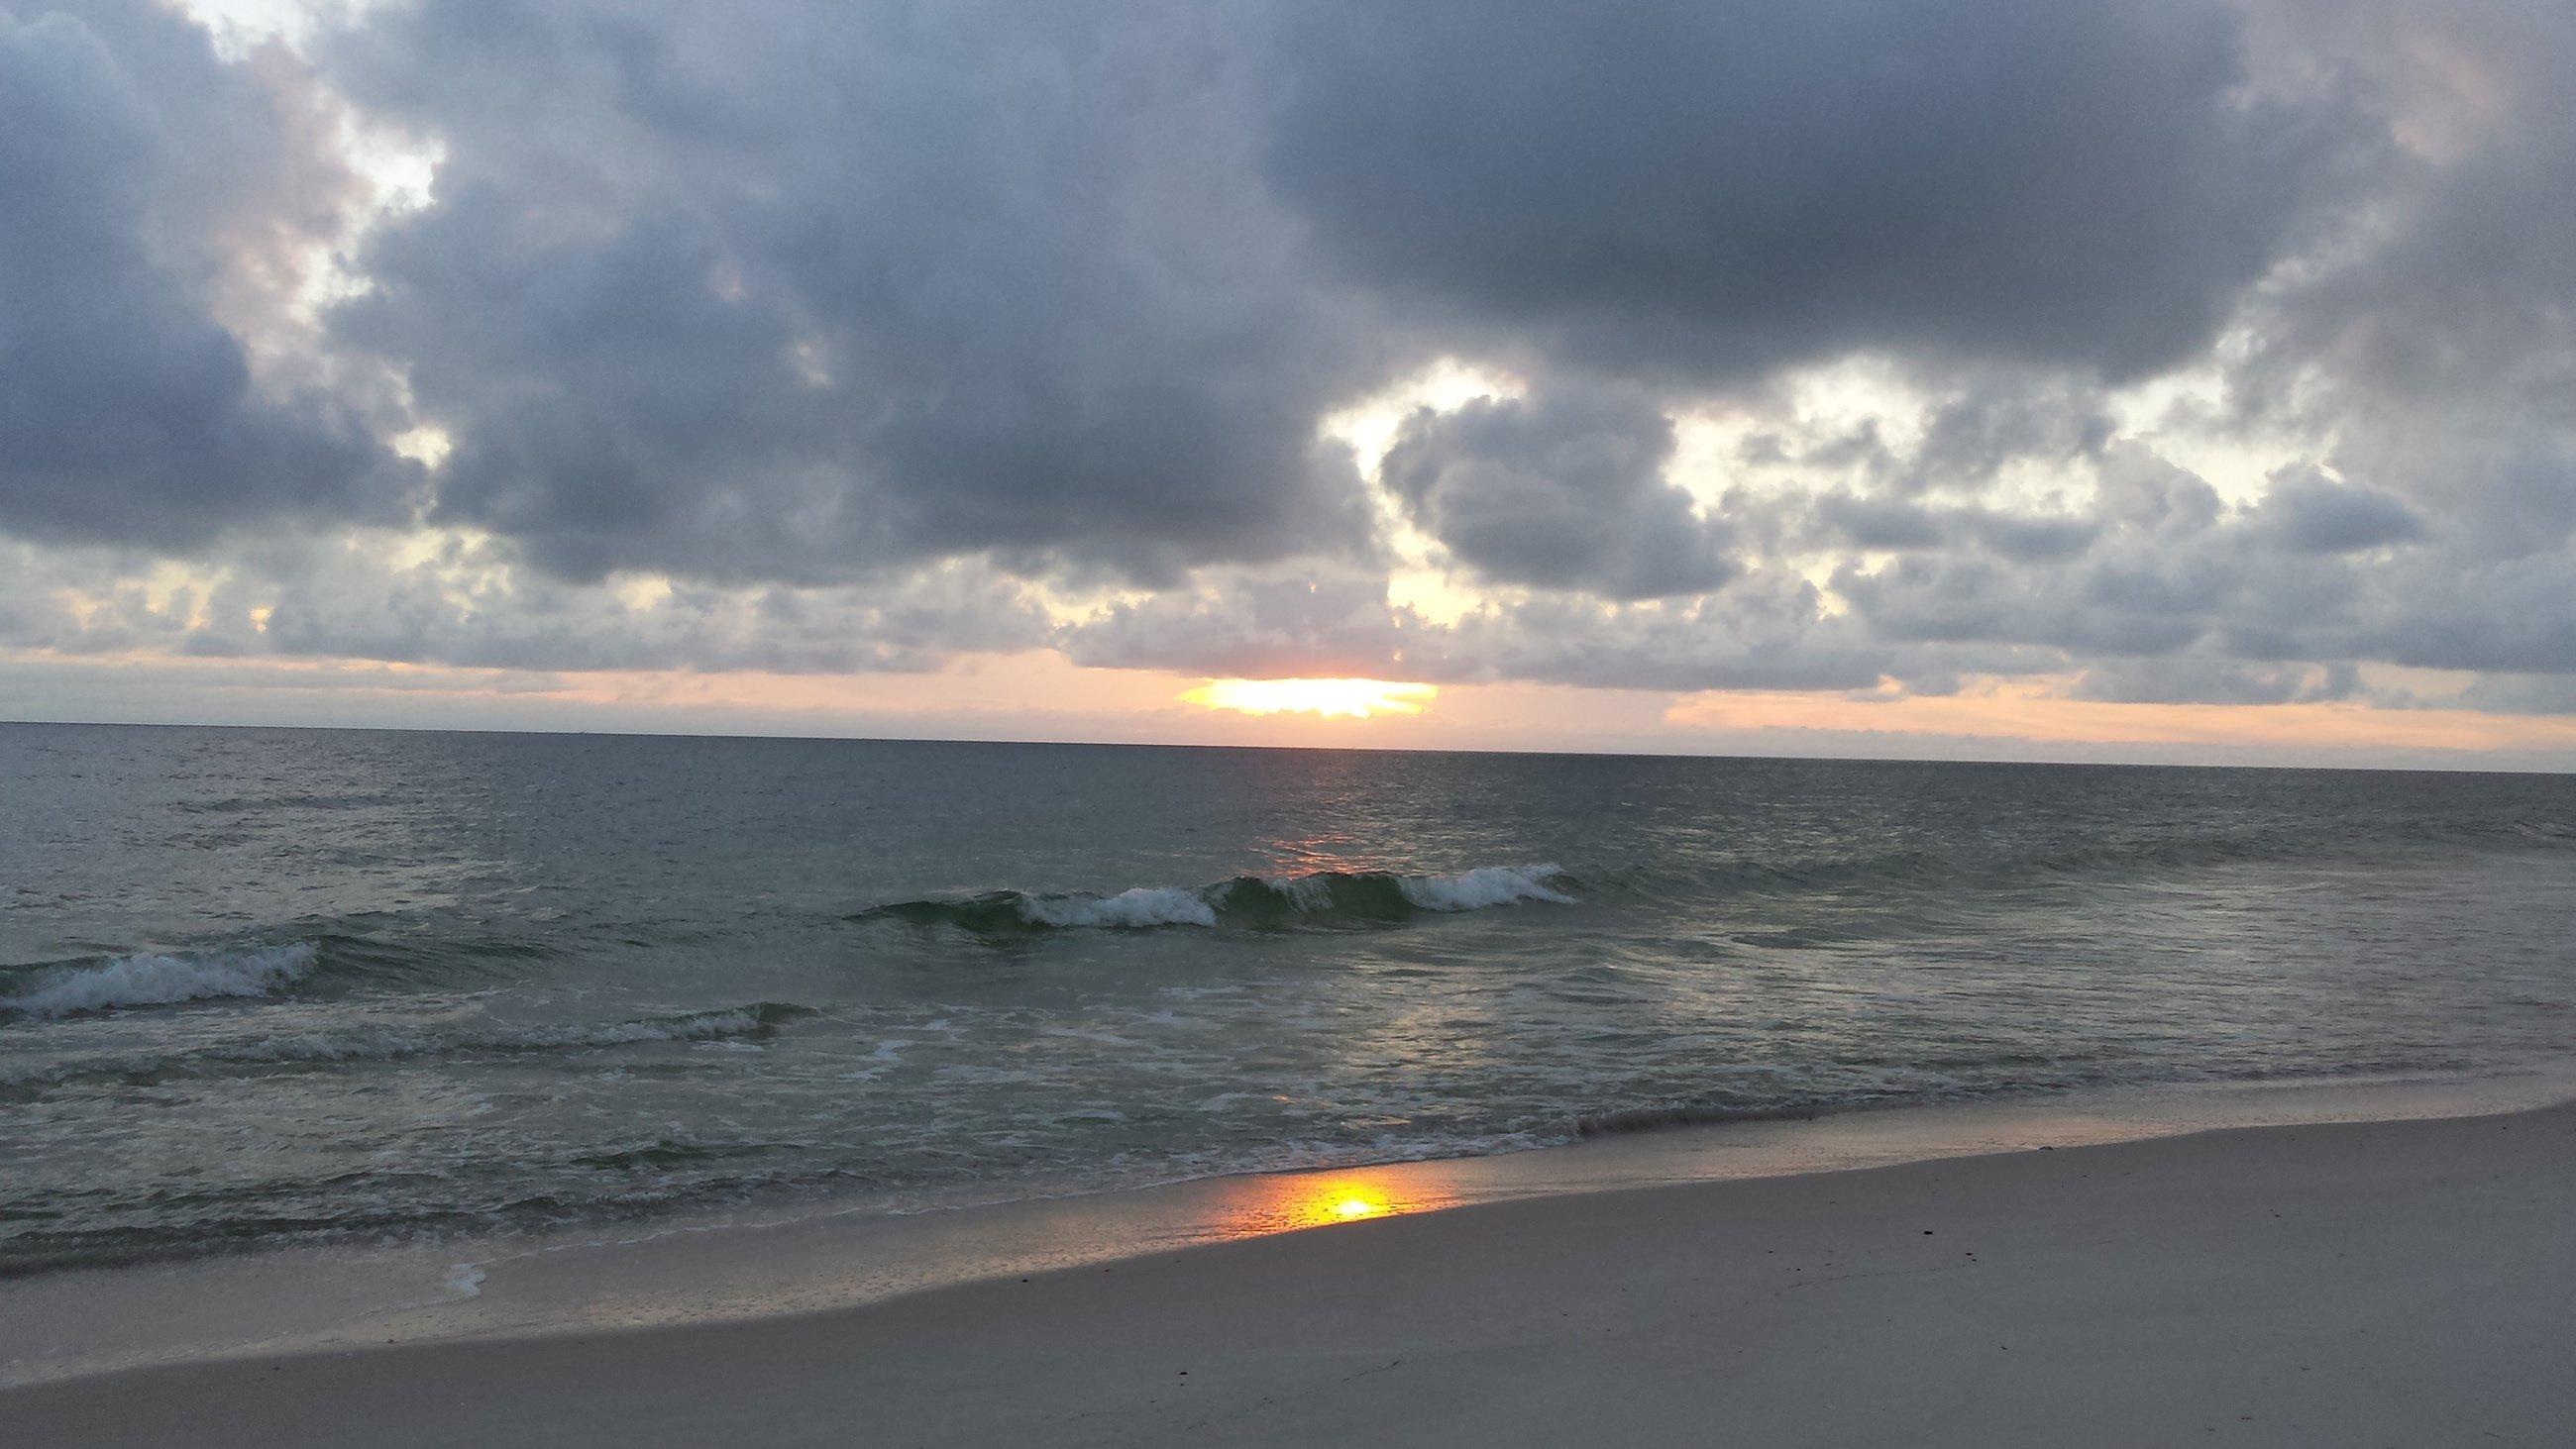 overcast beach with sun reflection